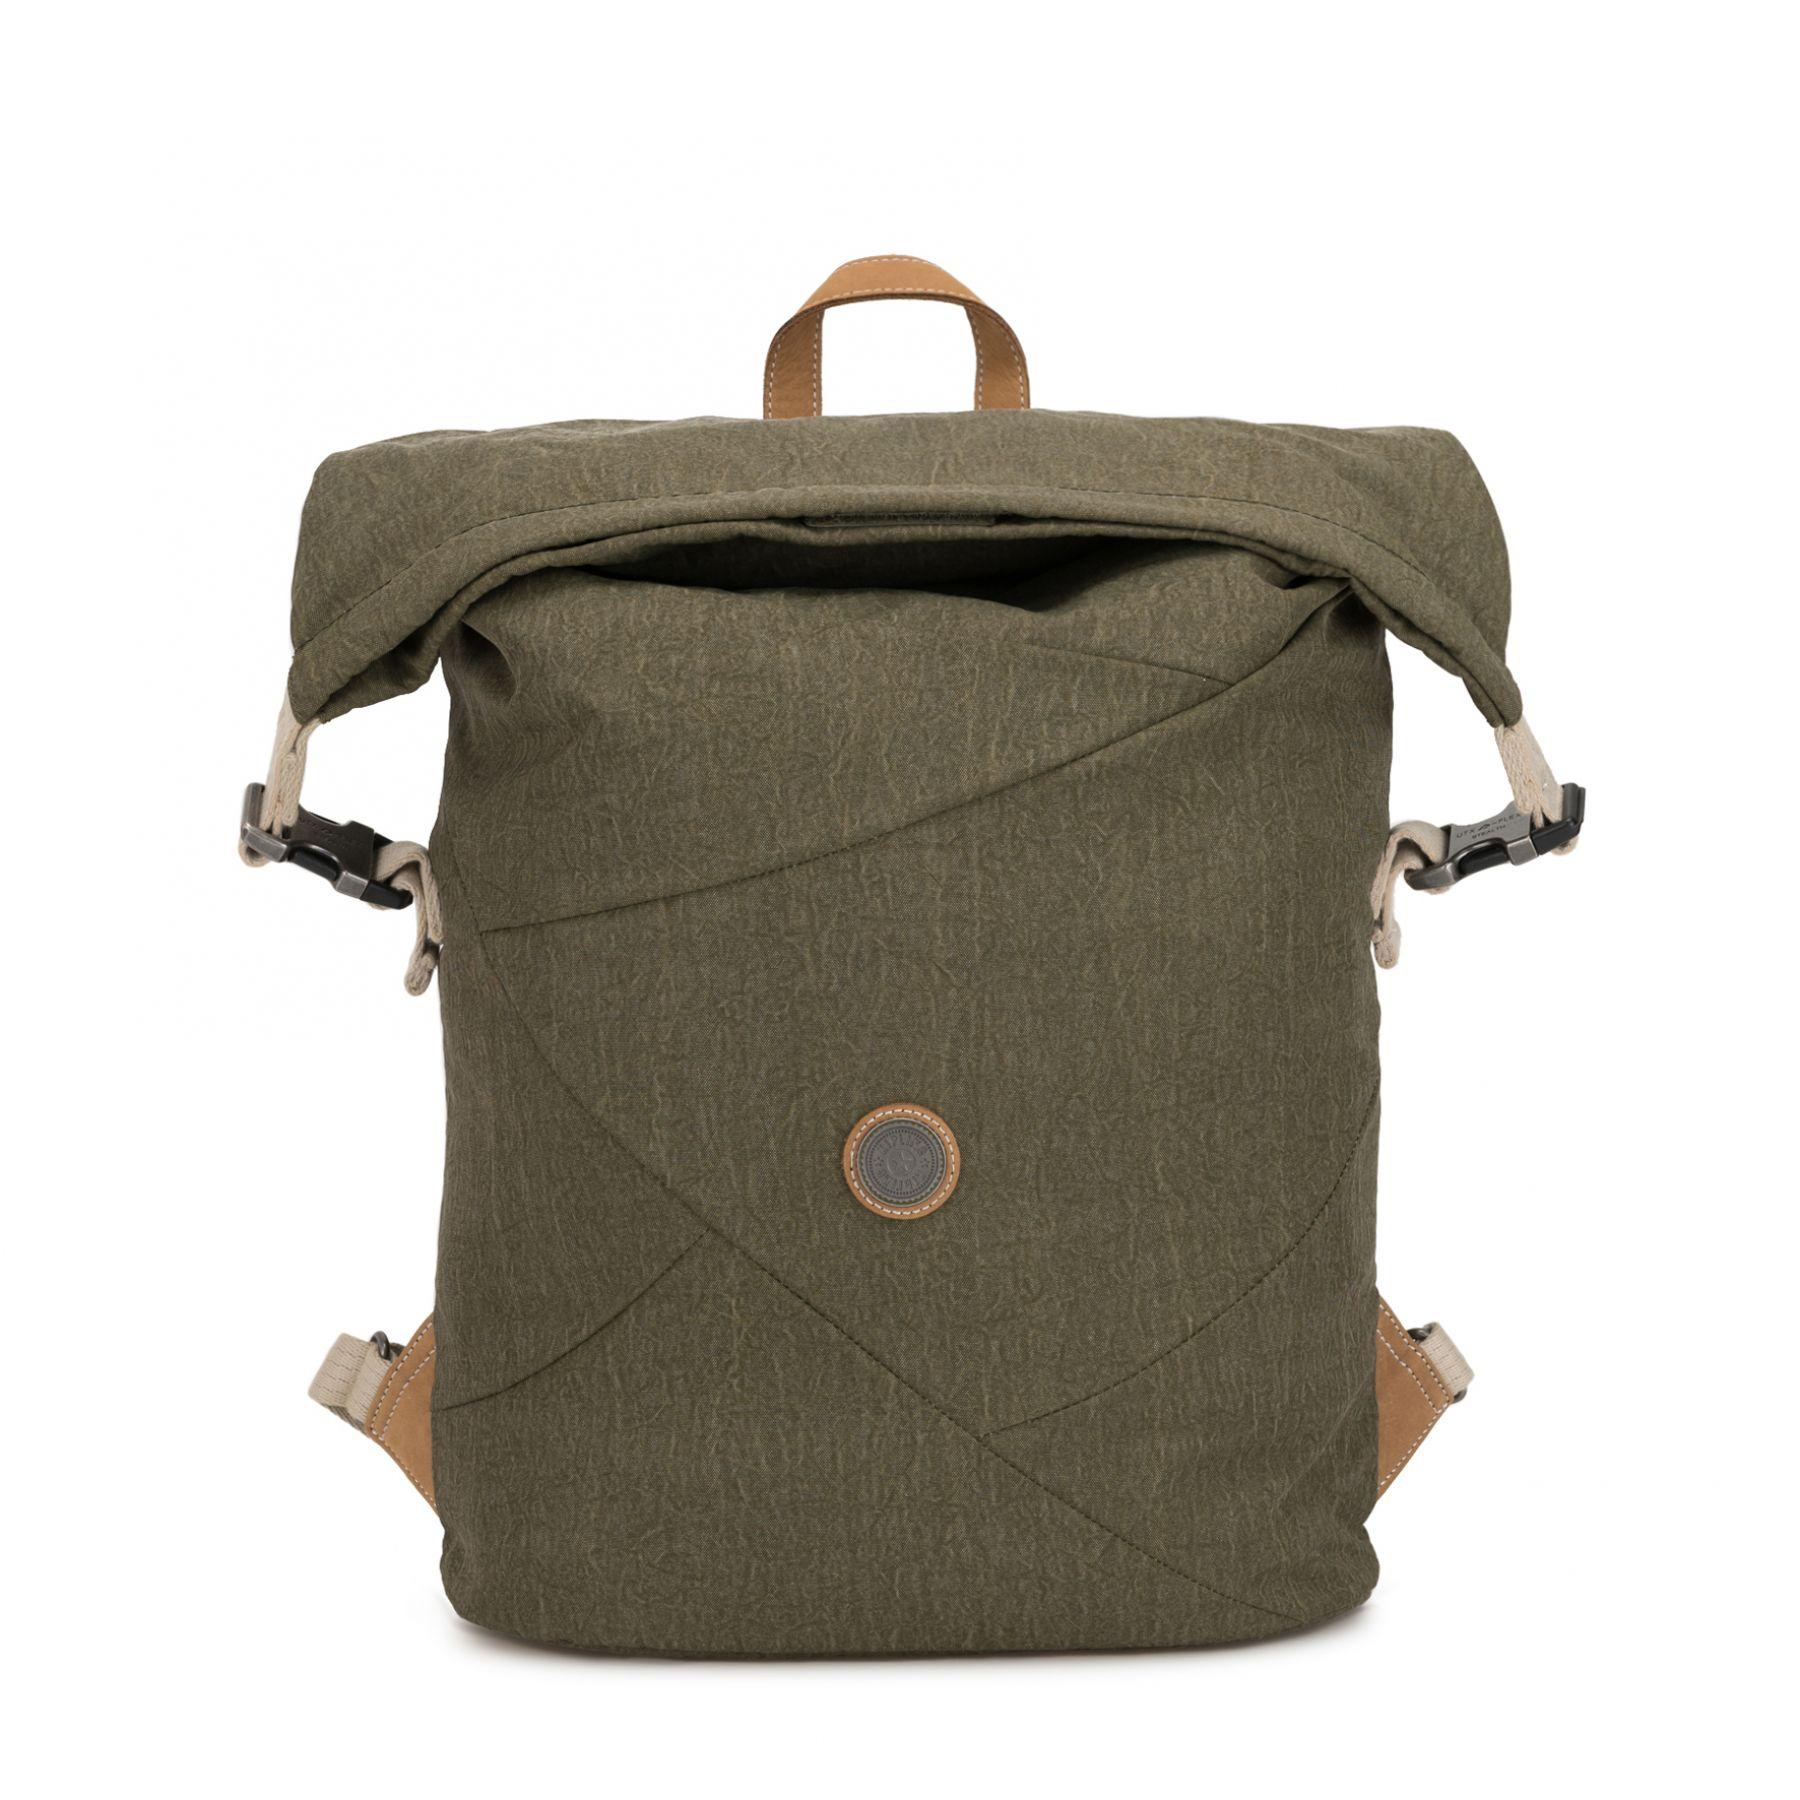 [Kipling.com] Flashsale mit 15% extra Rabatt auf Taschen/Rucksäcke im Sale (bis zu 50%)